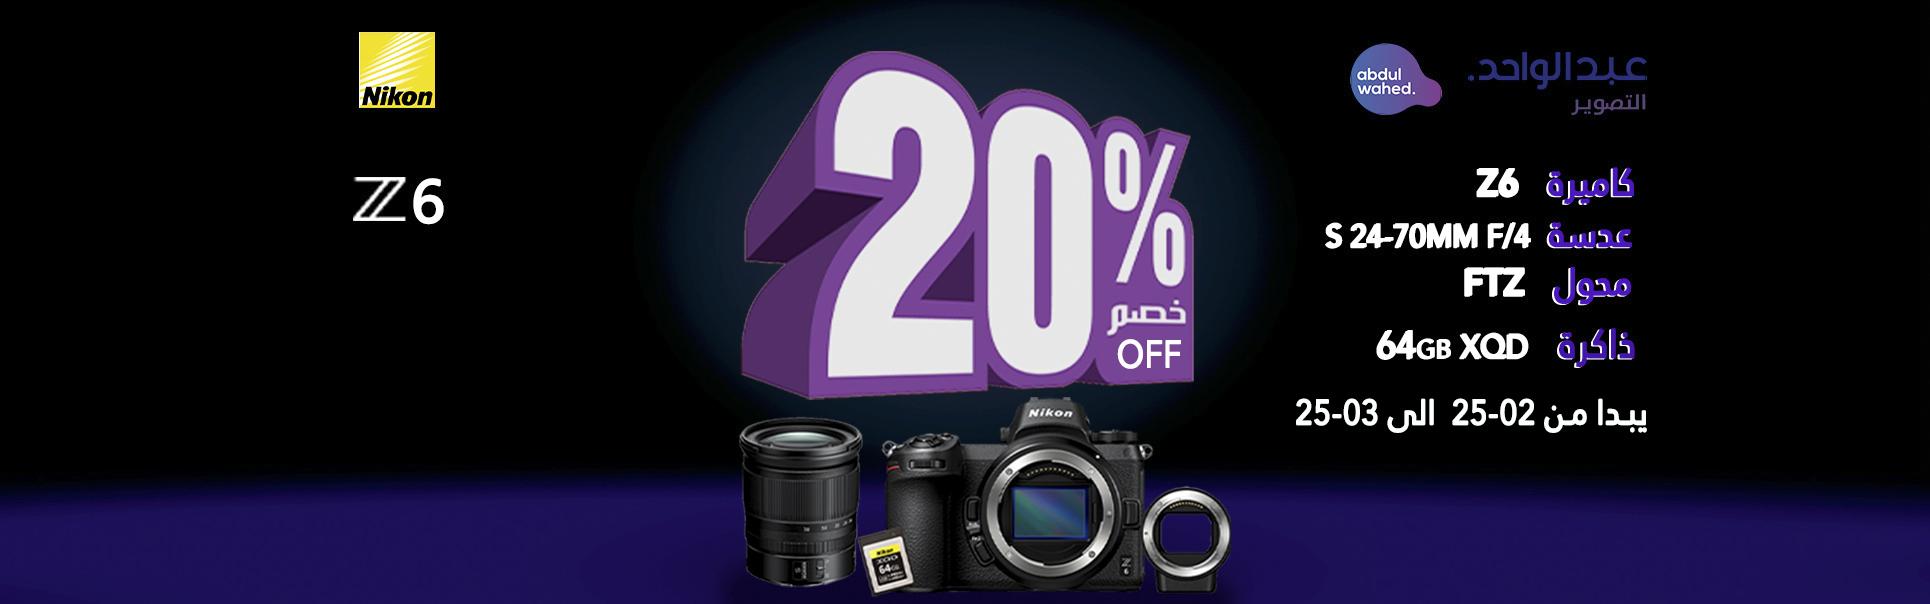 z6 offer